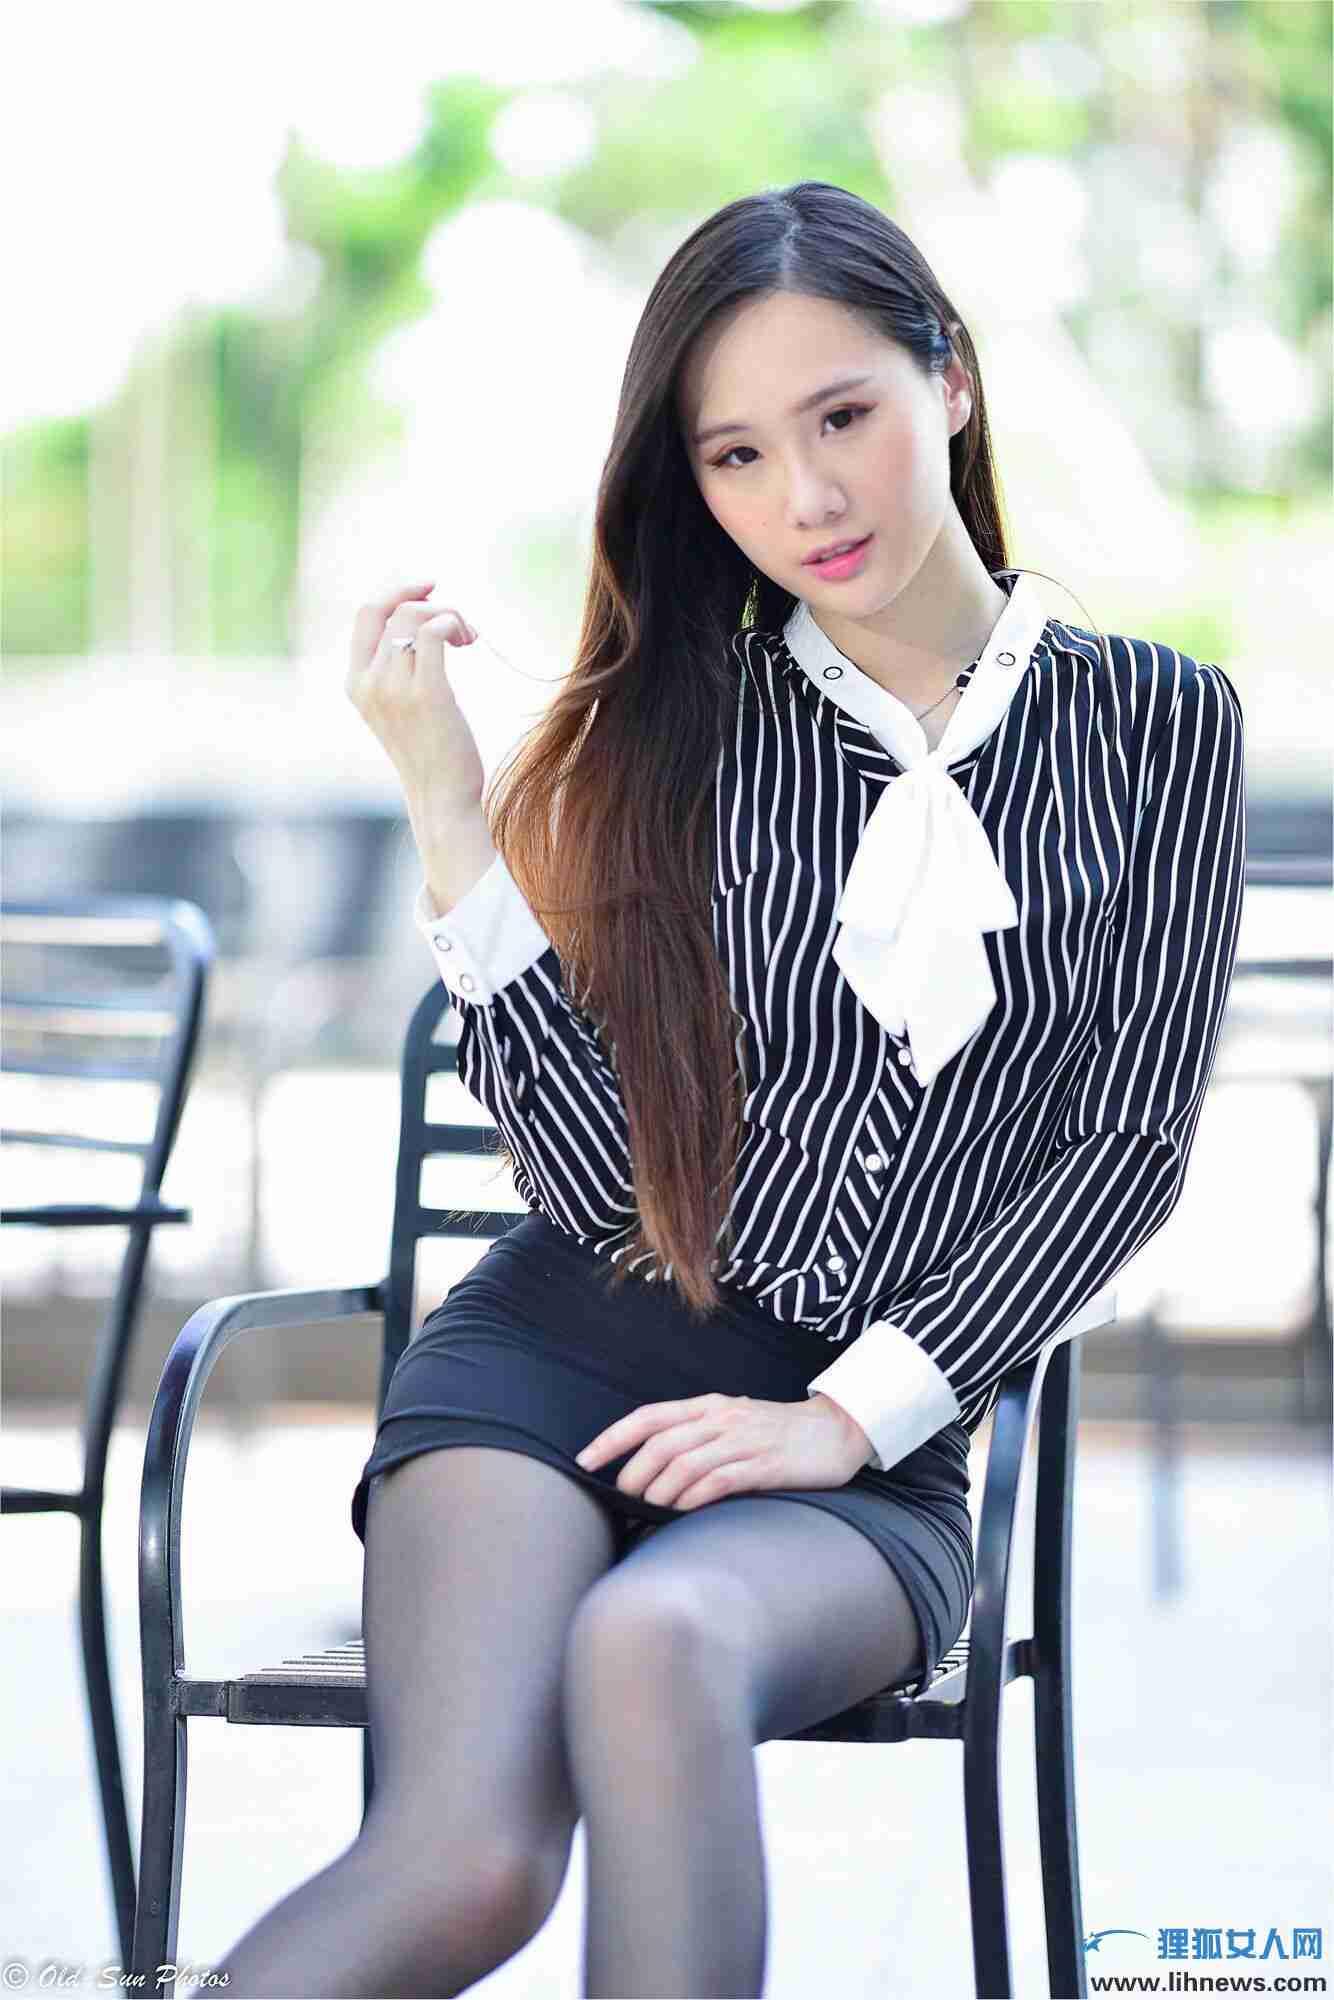 张小米 - 黑丝OL女郎外拍 写真图片